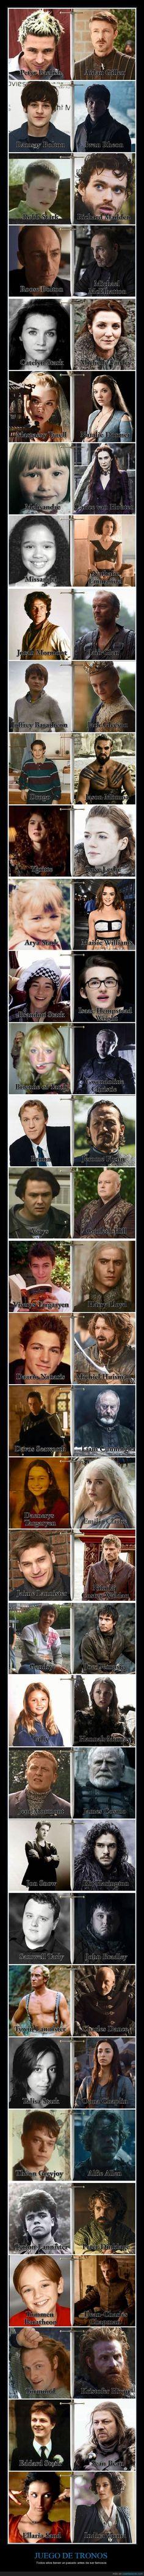 Cómo eran estos 35 actores de Juego de Tronos antes de ser famosos - Todos ellos tienen un pasado antes de ser famosos